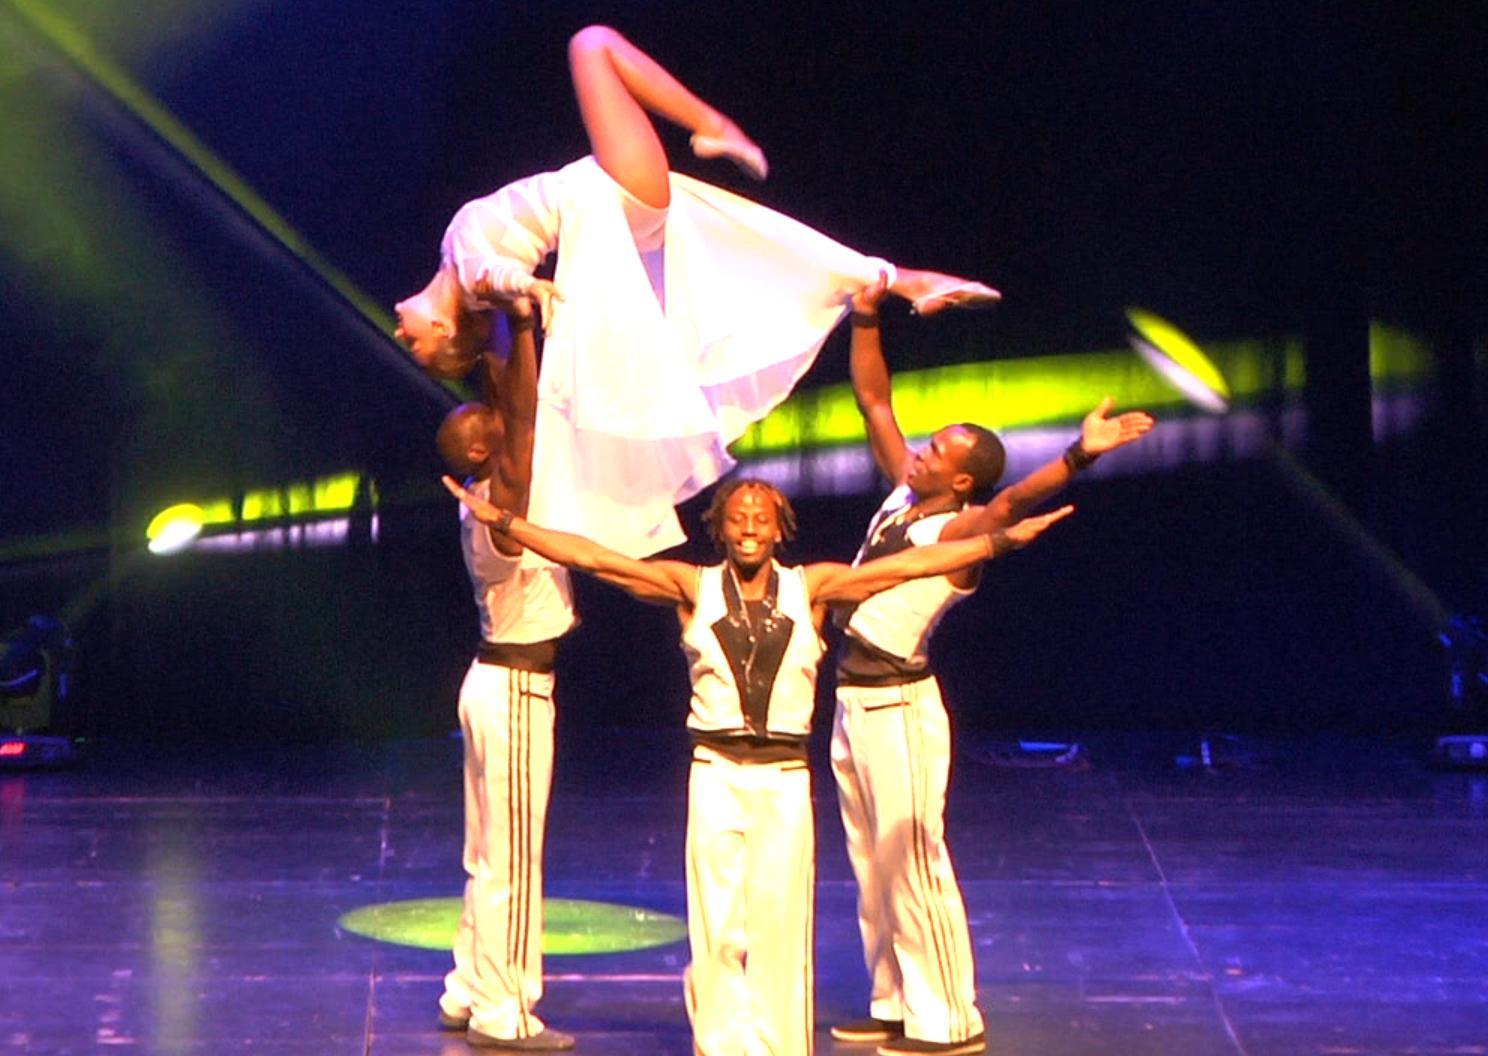 Июльский цирк. Акробаты и эквилибристы из Африки и Монголии с новым представлением в гостях у цирка «Браво»